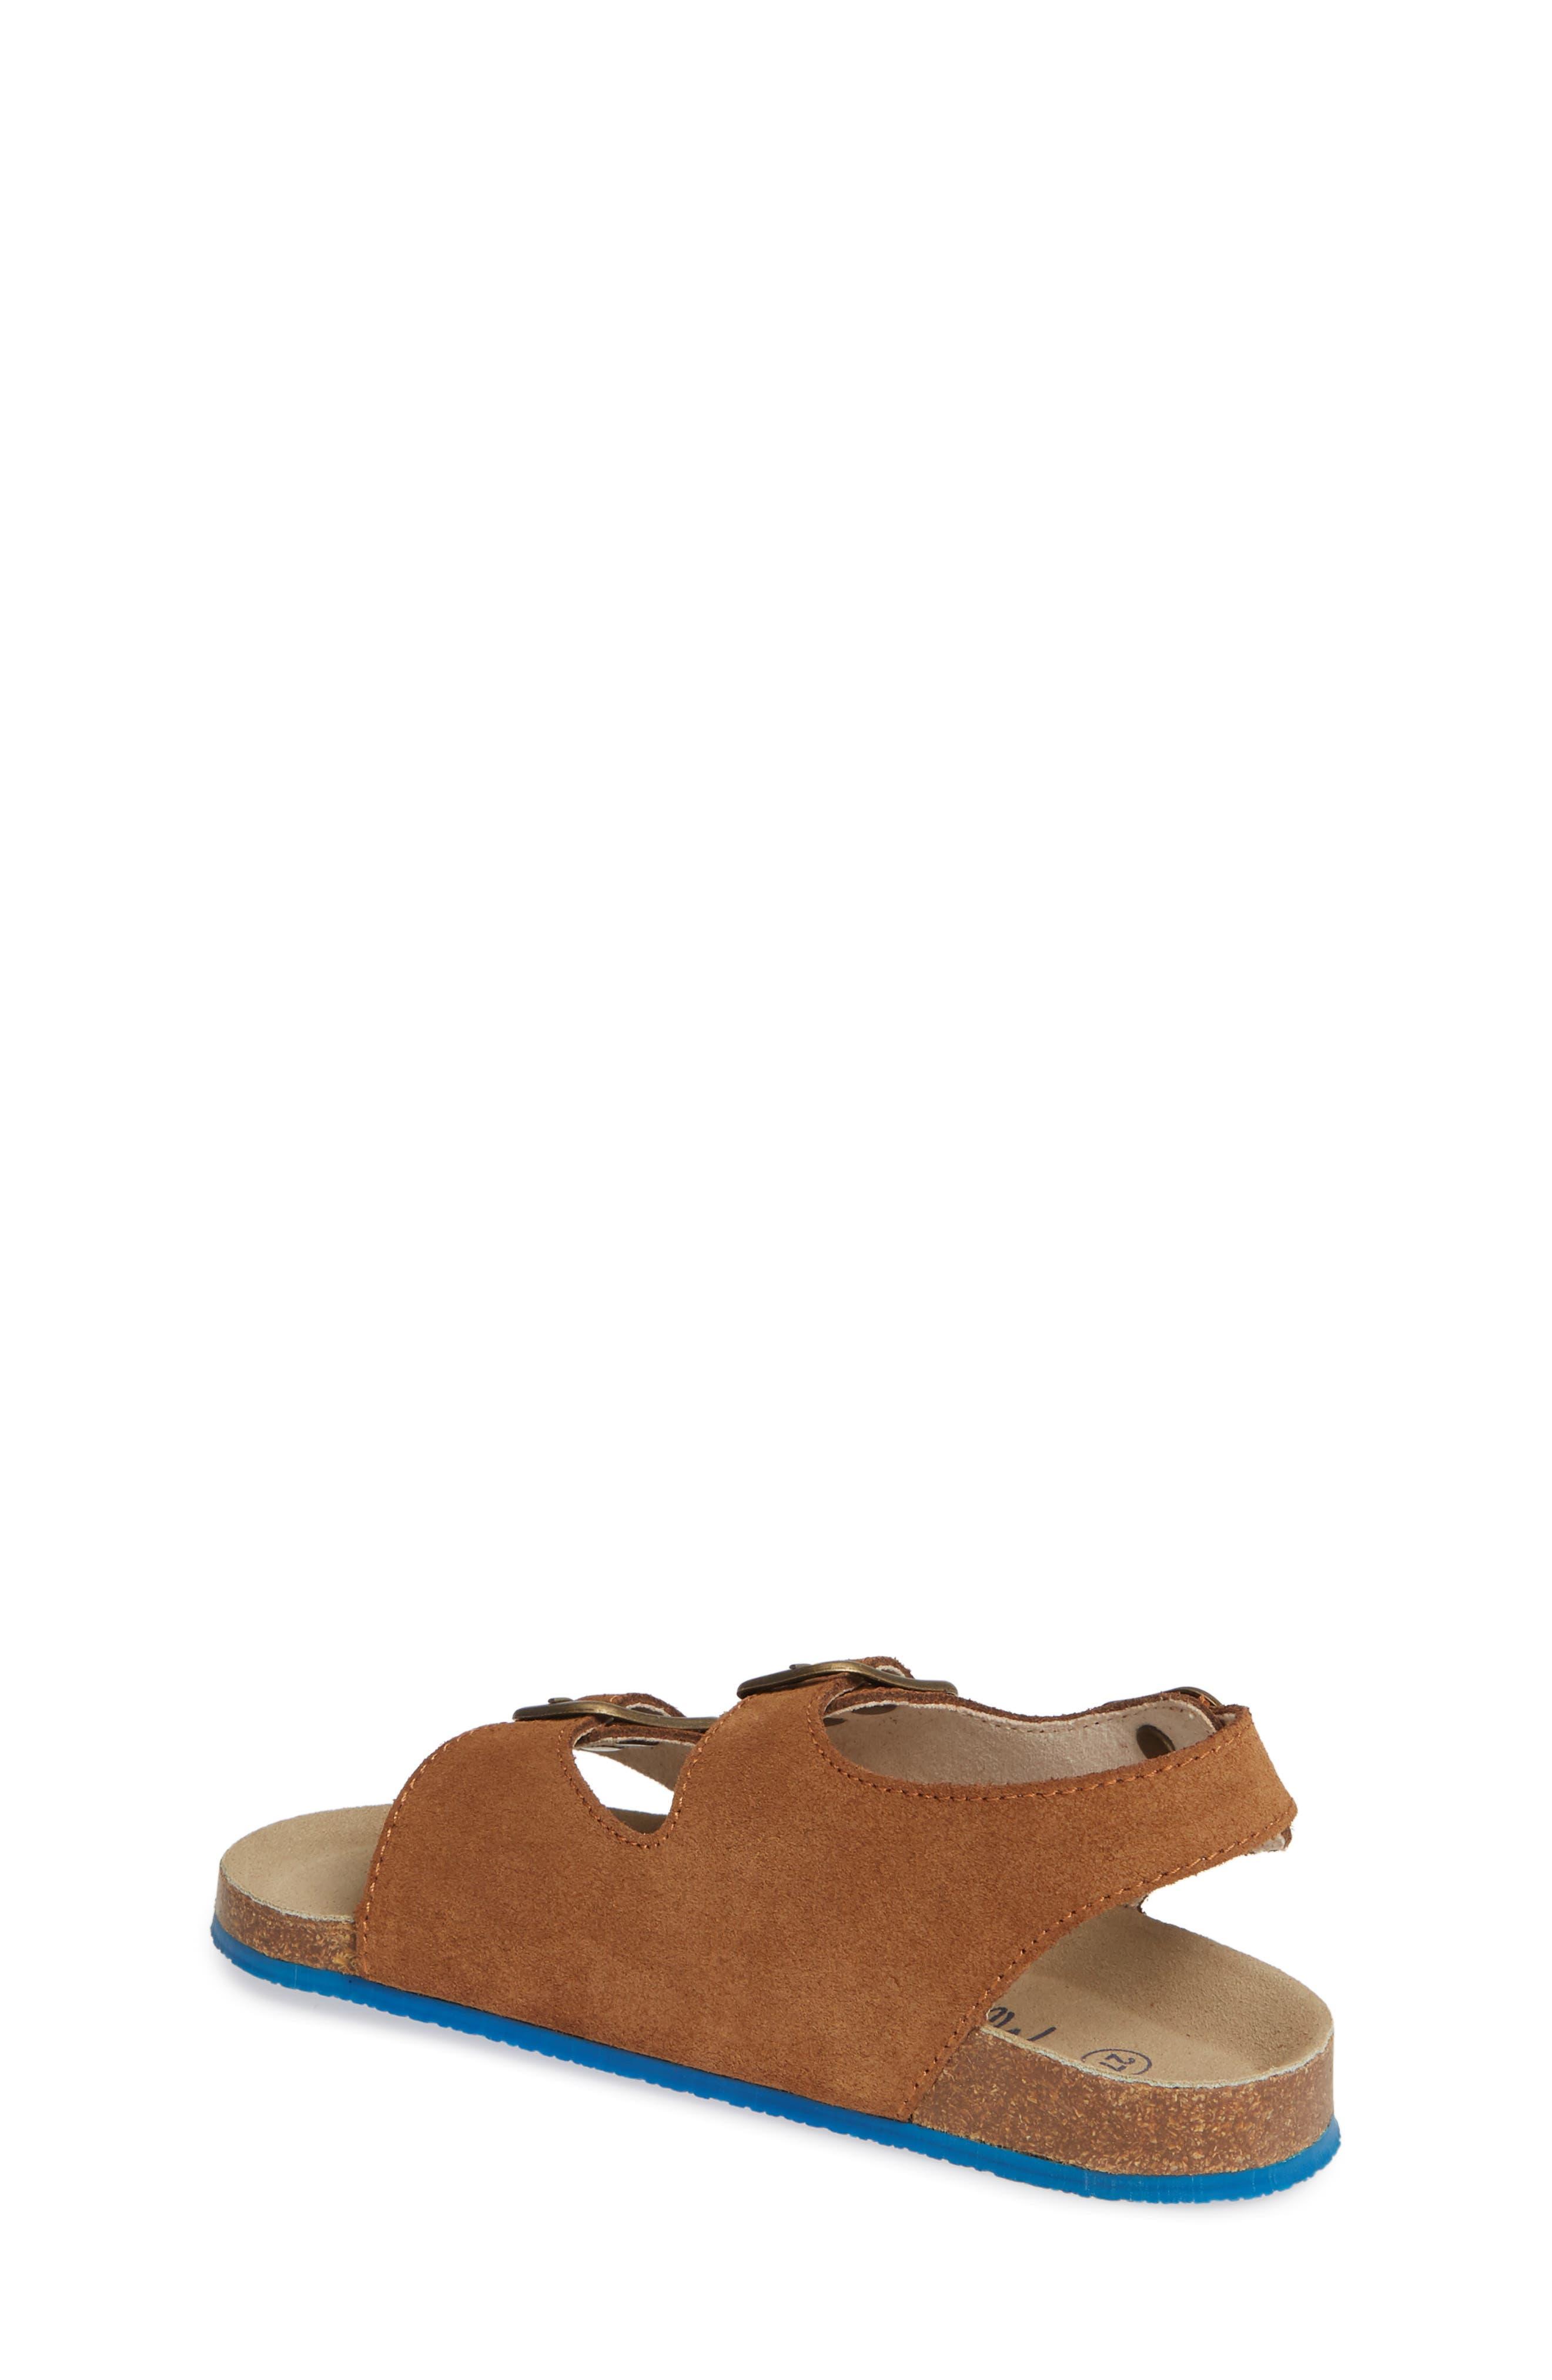 9157f1f73c0 Boys  Mini Boden Shoes